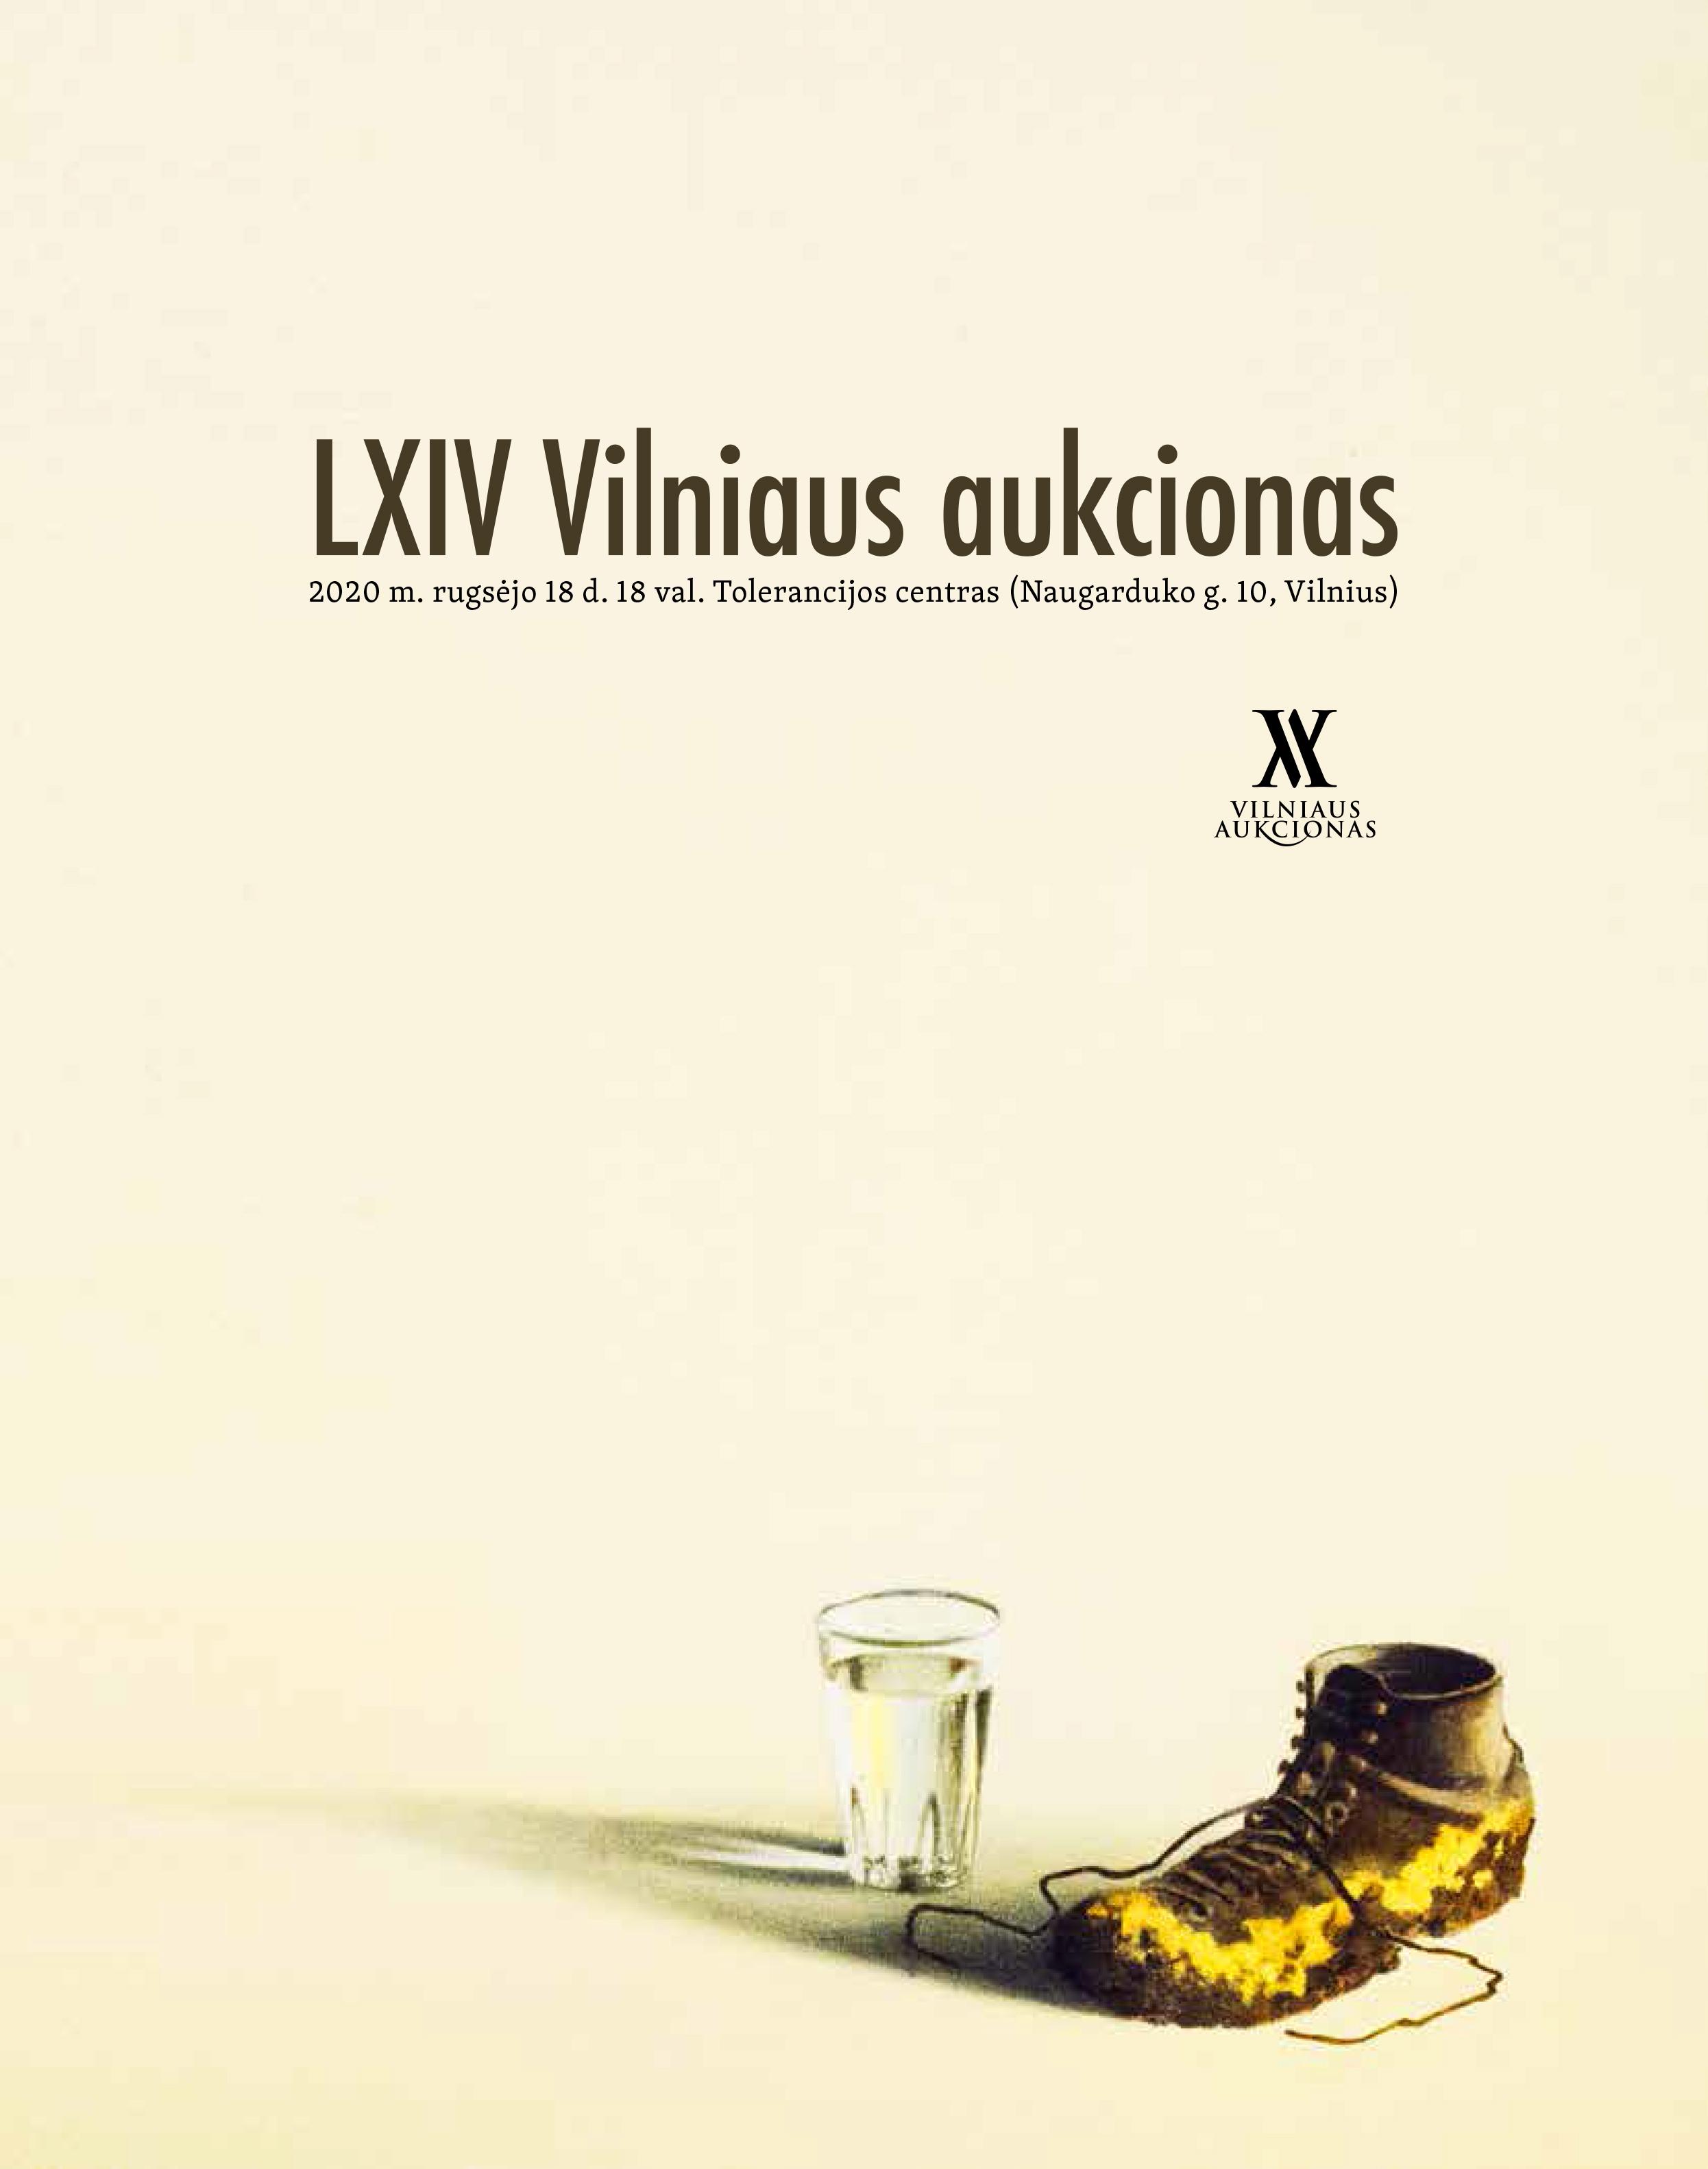 LXIV Vilniaus aukciono katalogo viršelis | Rengėjų nuotr.